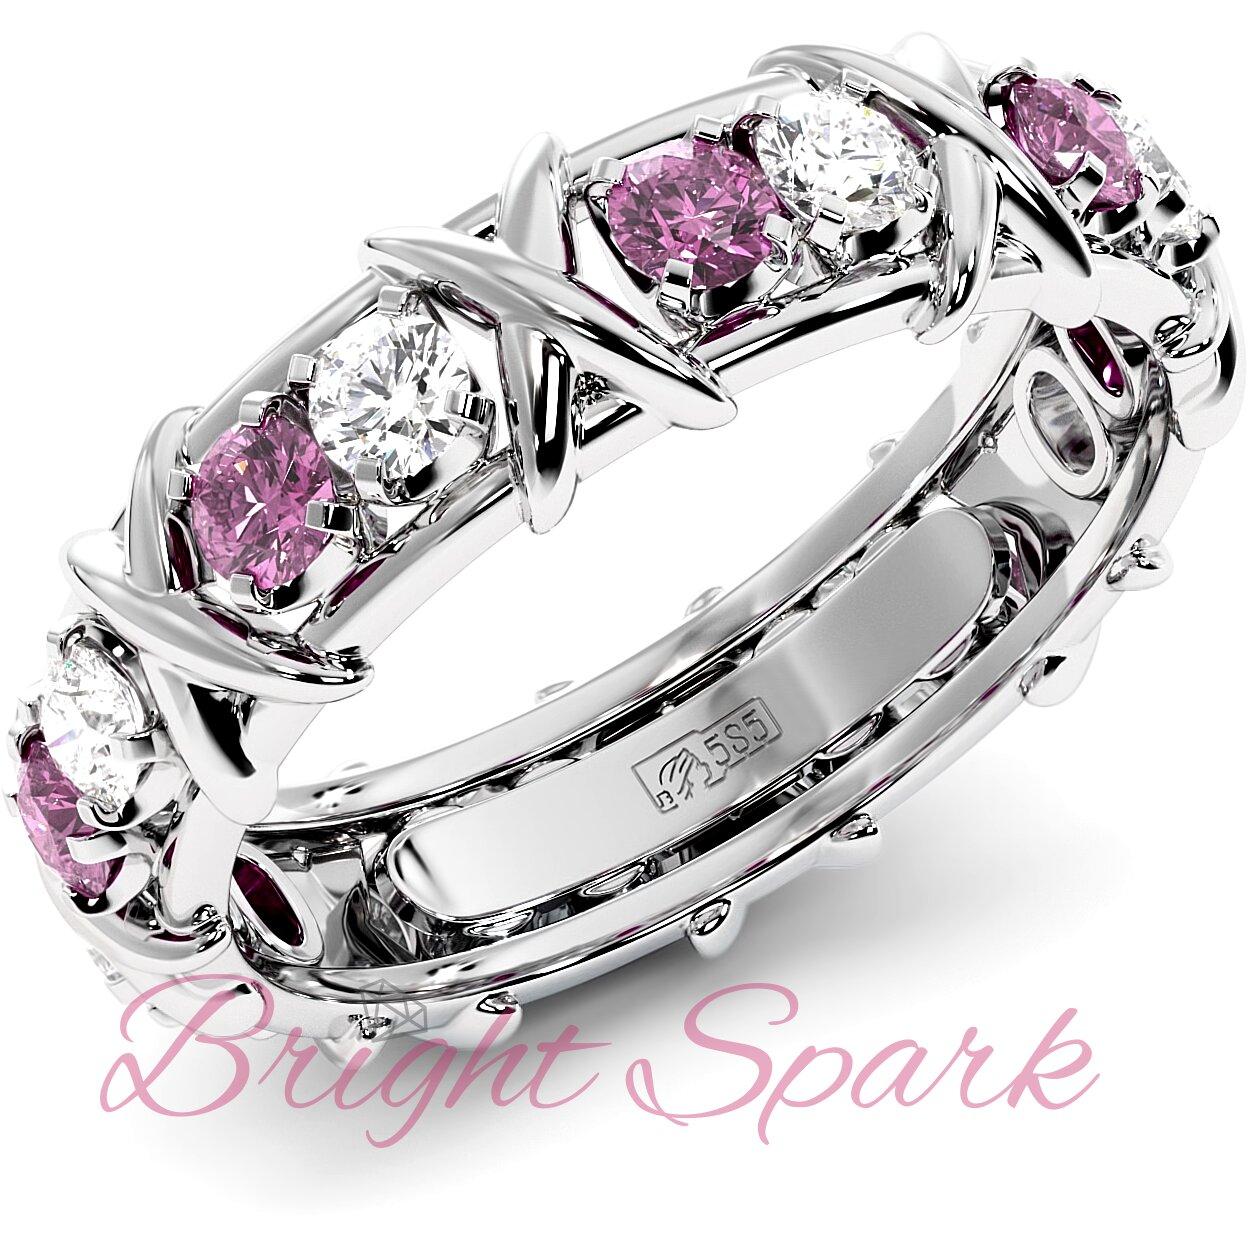 Обручальное кольцо с иксами  и розовыми сапфирами Tiffany Sixteen Stones by Schlumberger